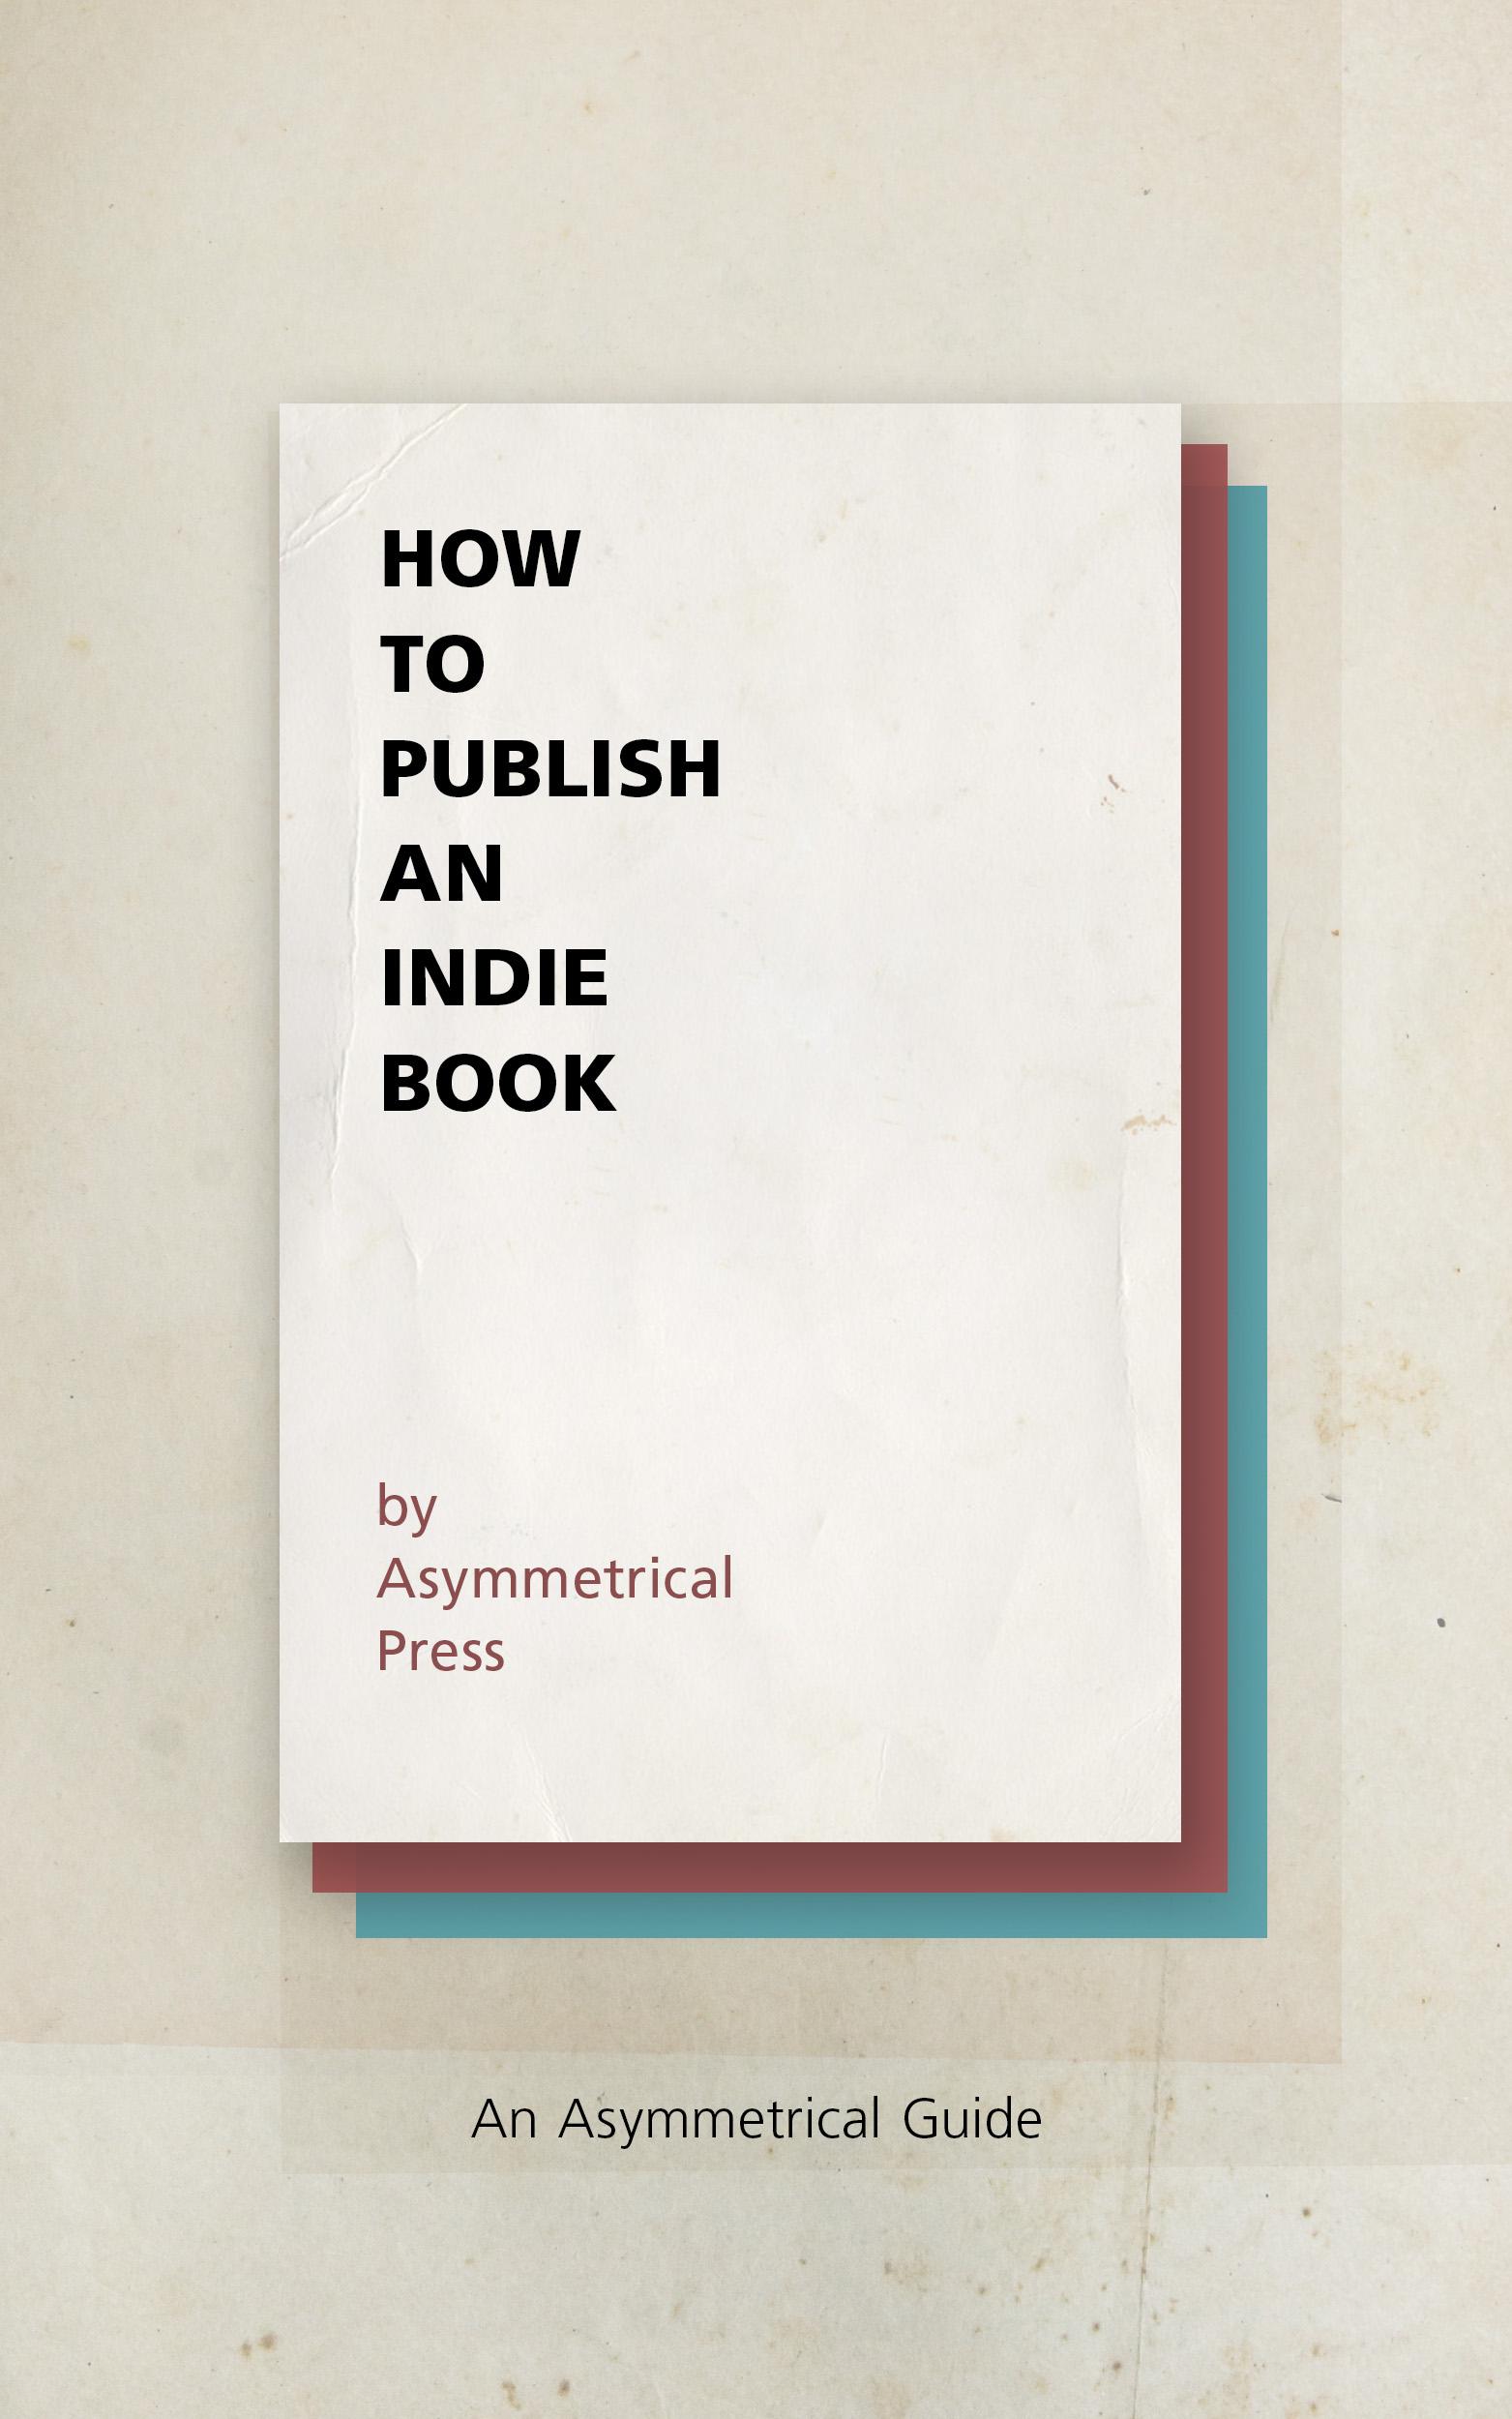 asymmetrical press